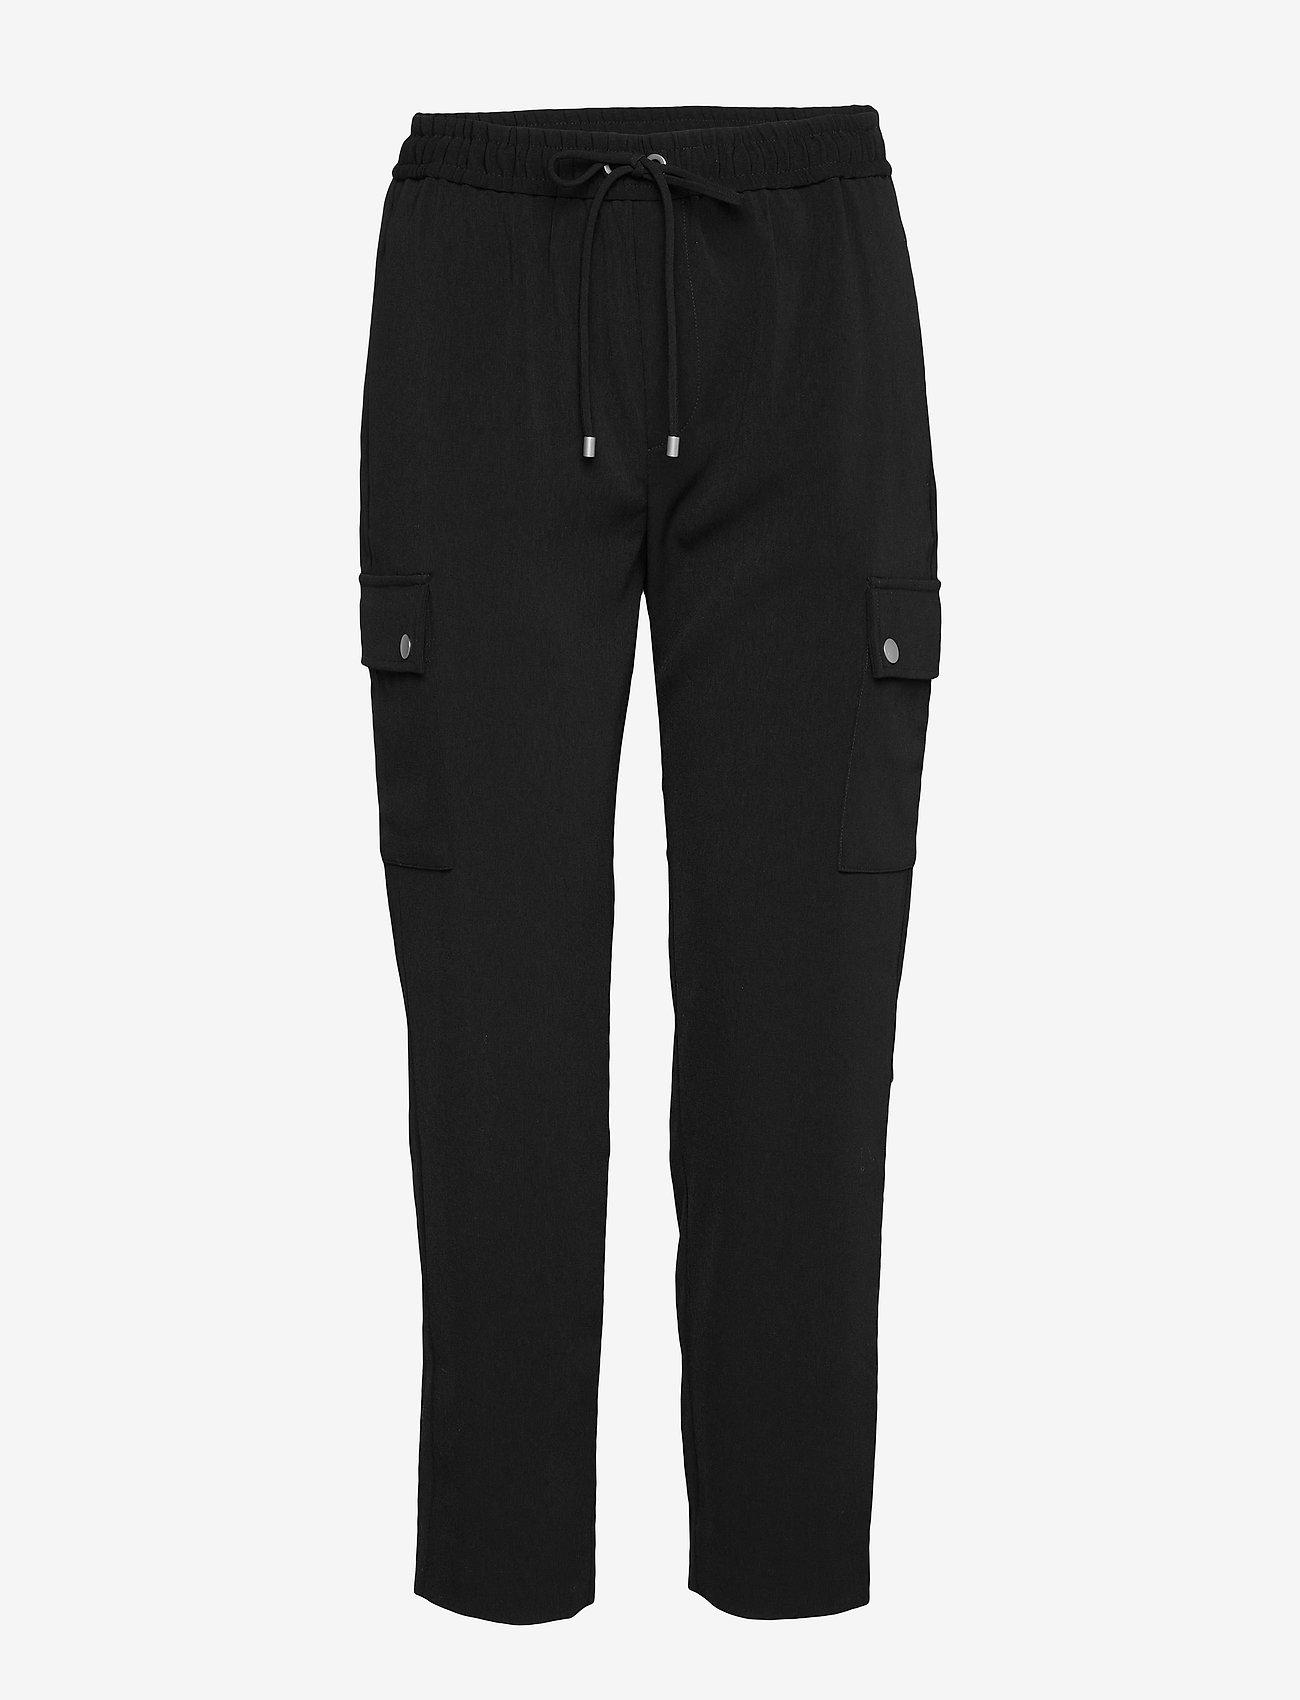 InWear KaydeIW Cargo Pant - Bukser BLACK - Dameklær Spesialtilbud